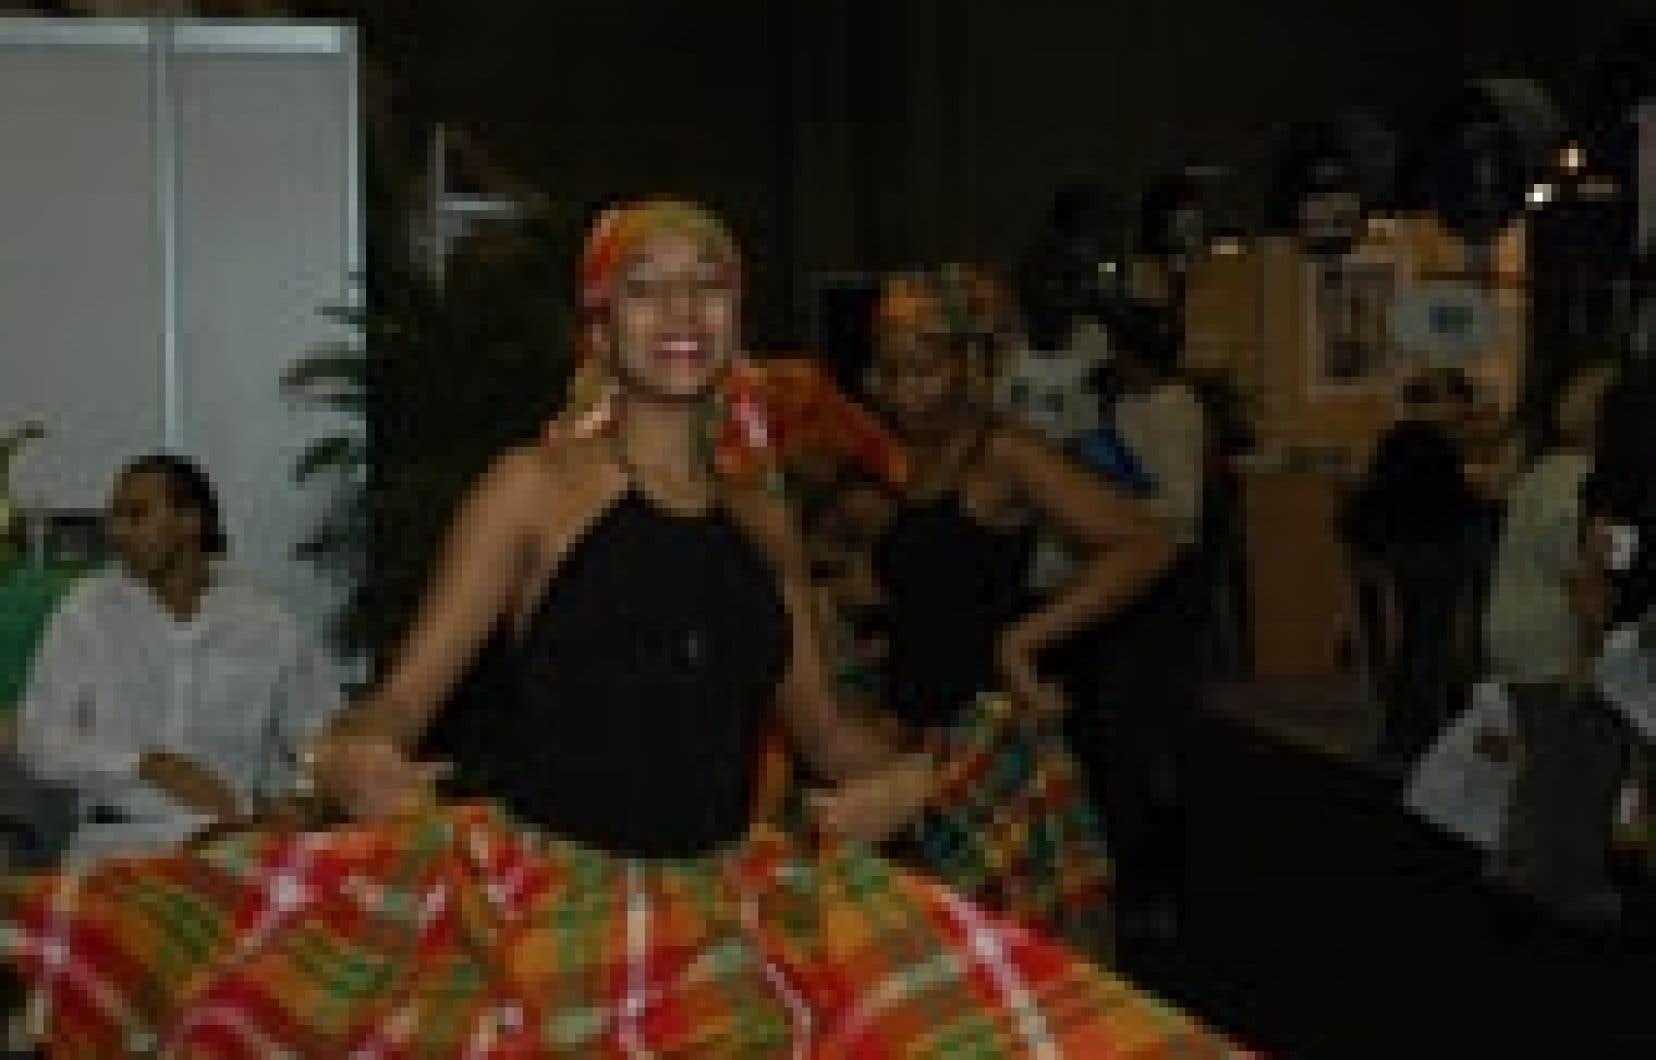 Fiesta martiniquaise au pavillon de la France au Salon international tourisme voyages 2005. Source: SITV